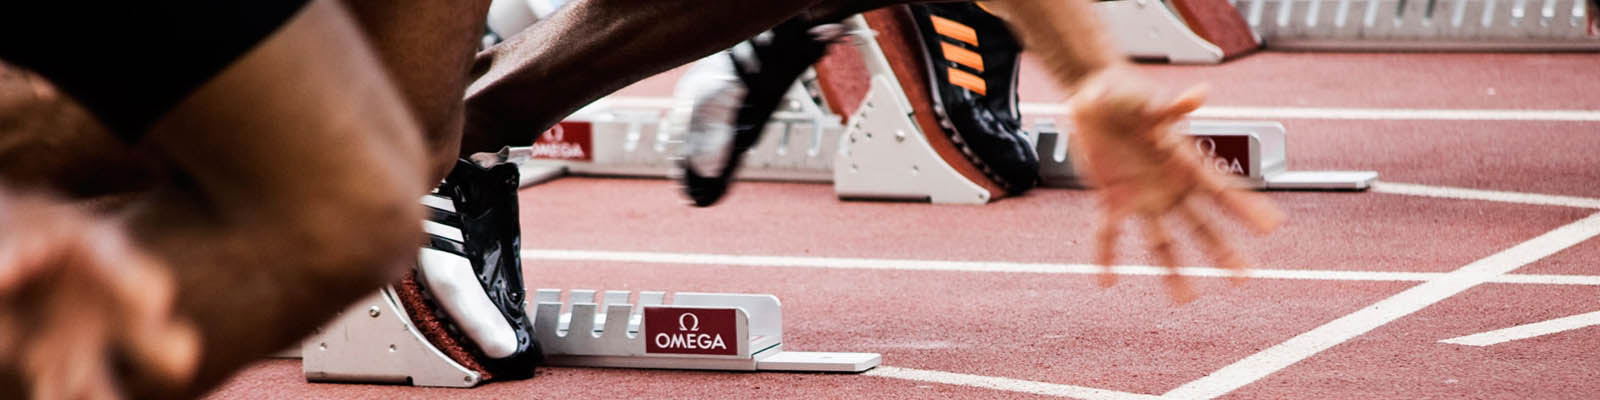 奥林匹克系列腕表 - 背景